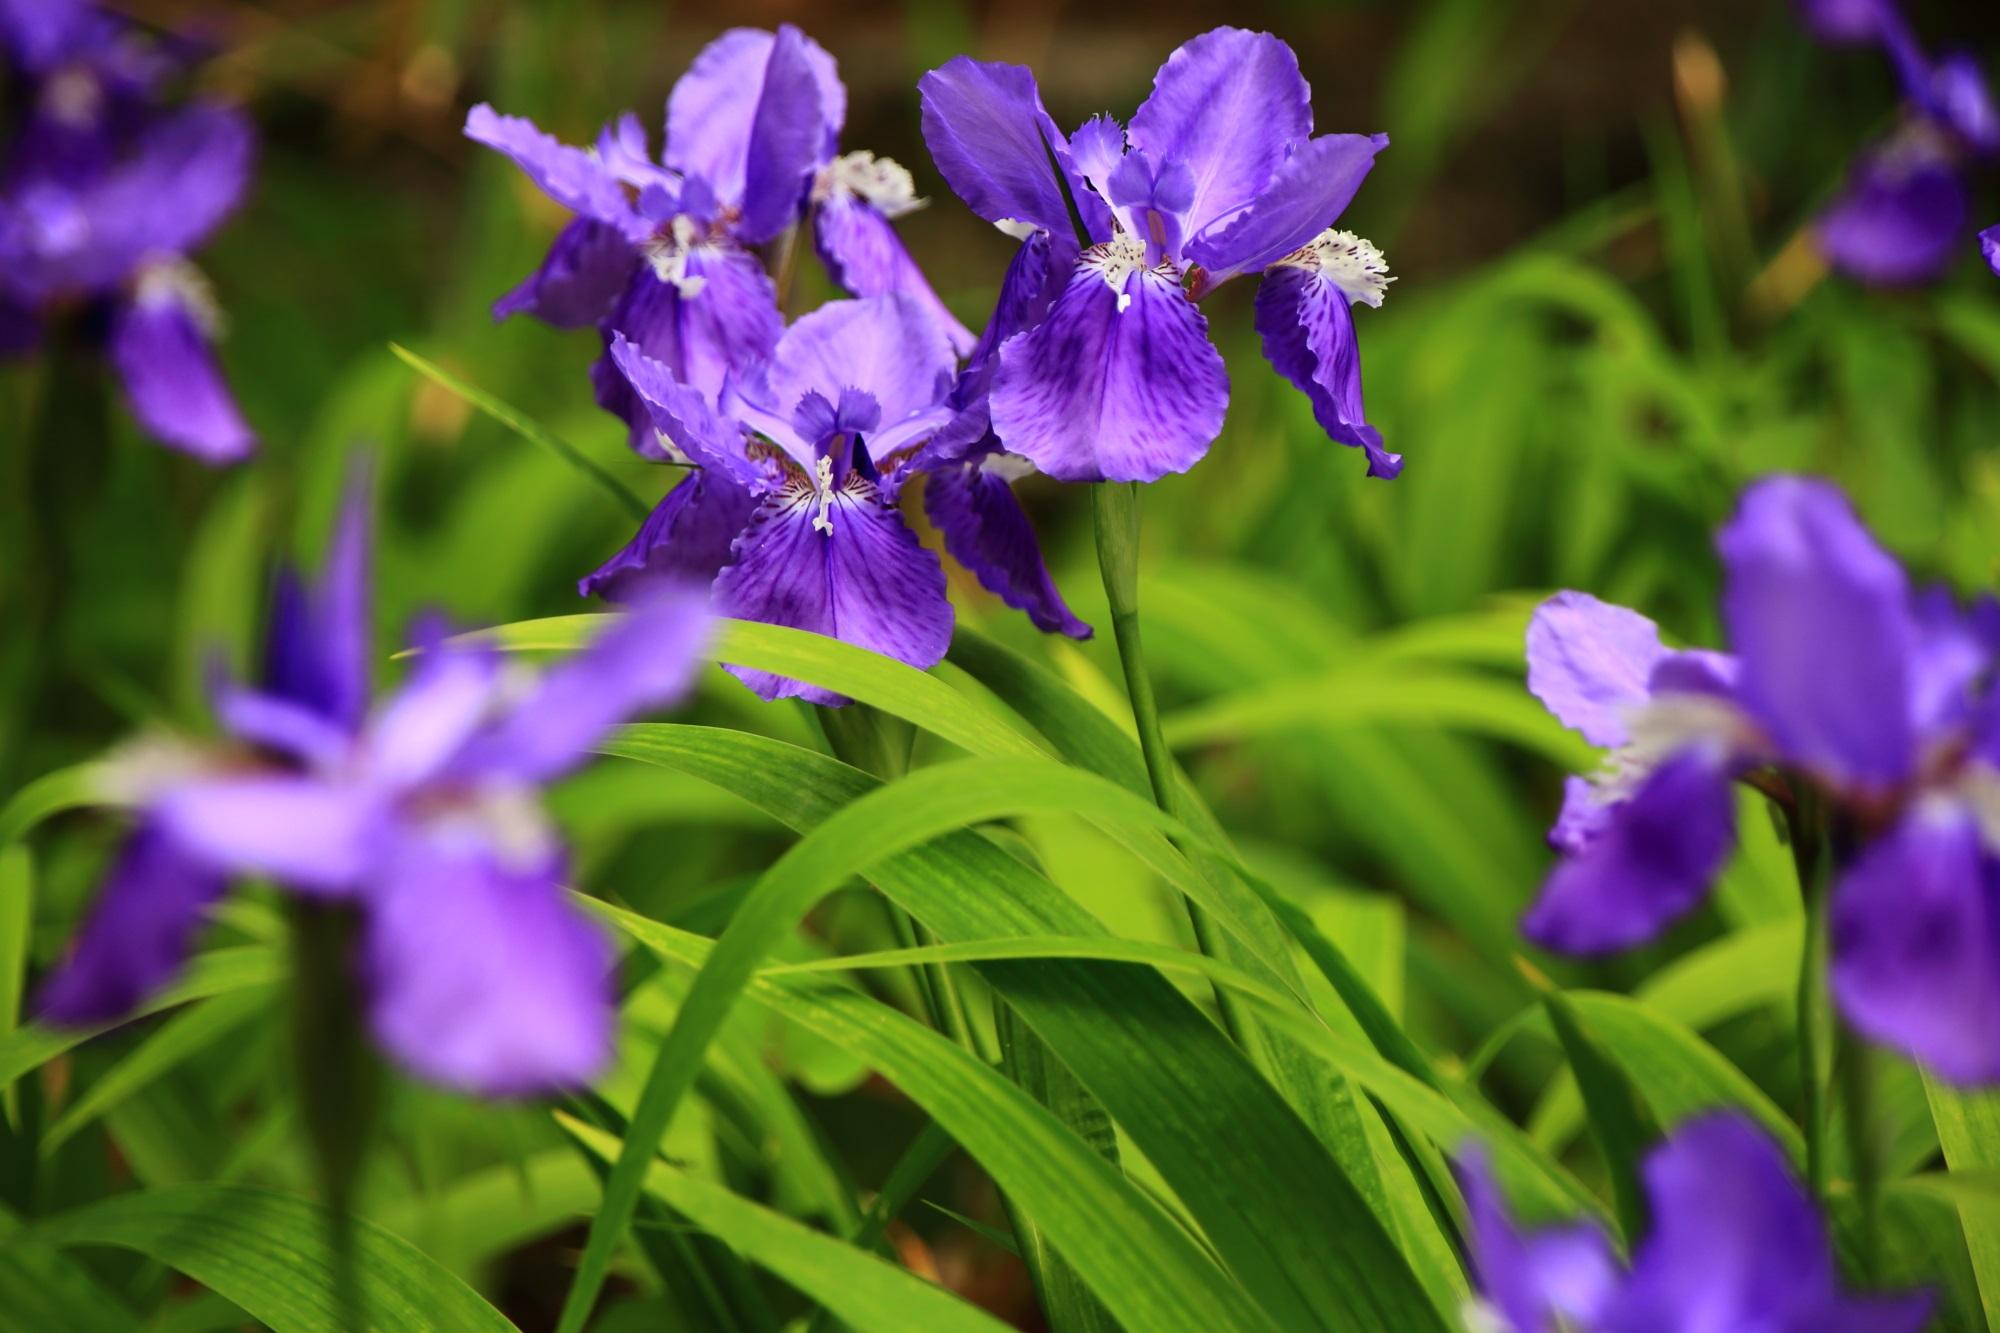 上御霊神社の緑に映える美しい紫のイチハツの花